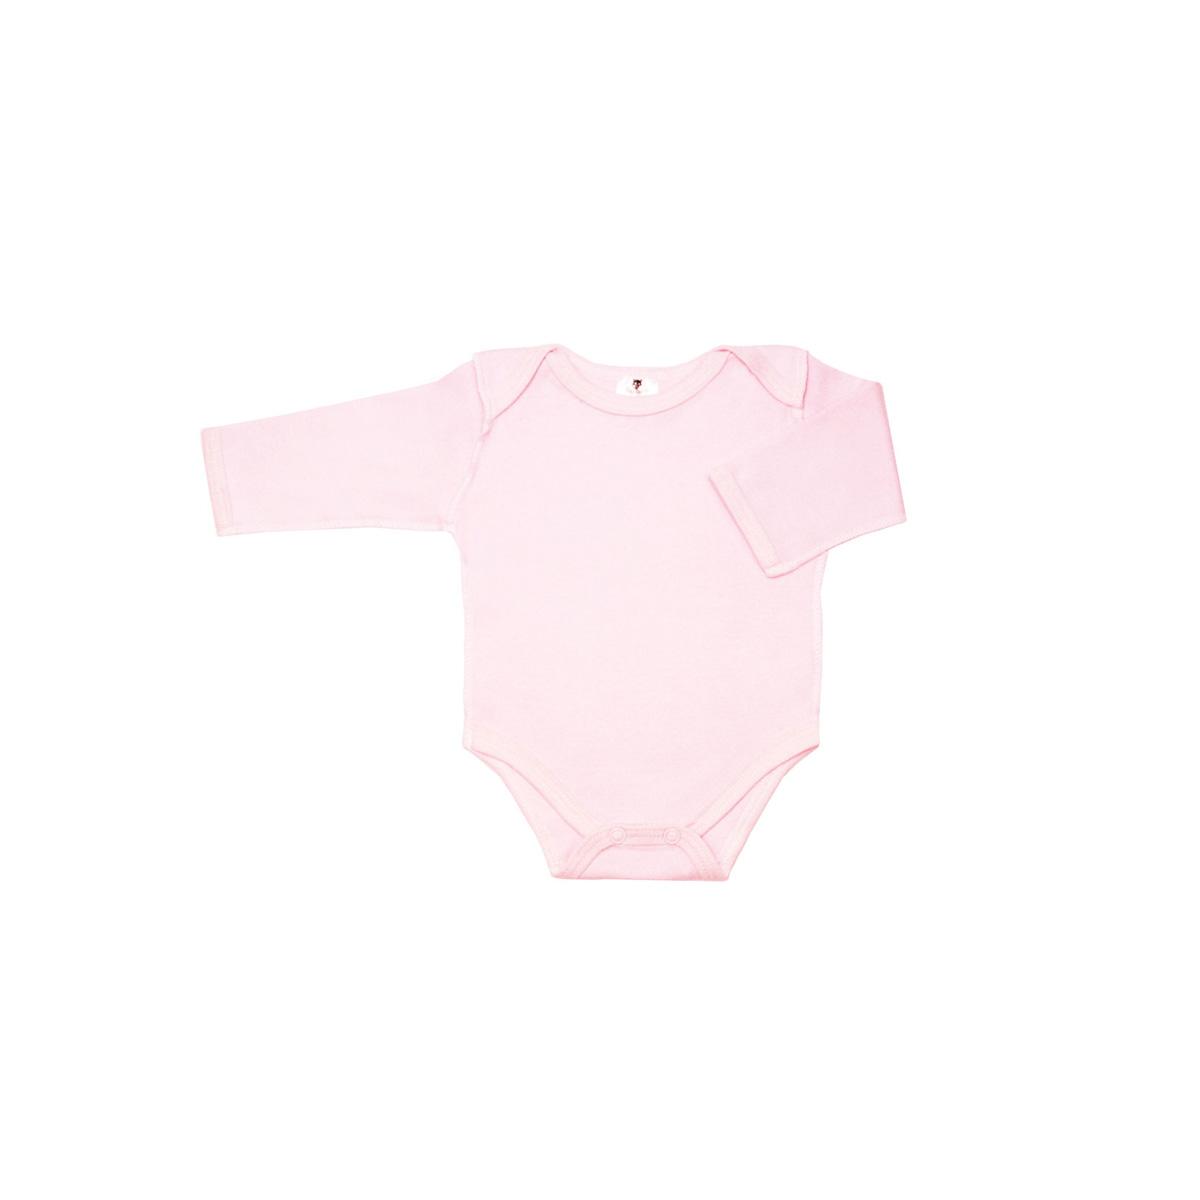 Боди с рукавом КОТМАРКОТ для девочки, цвет однотонный розовый 6-9 мес (размер 74)<br>